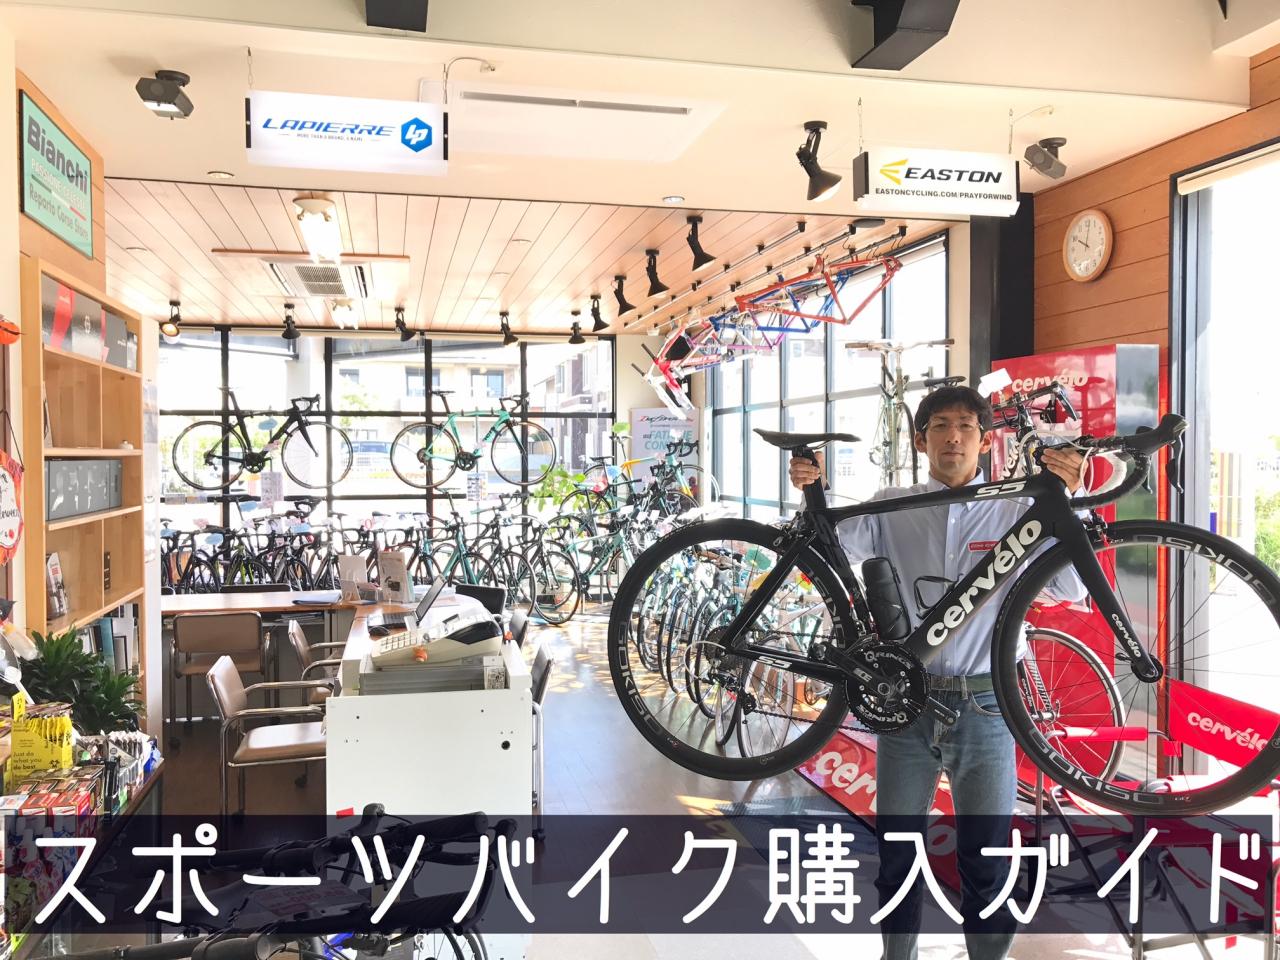 【スポーツバイク購入ガイド】⑤ステップ!